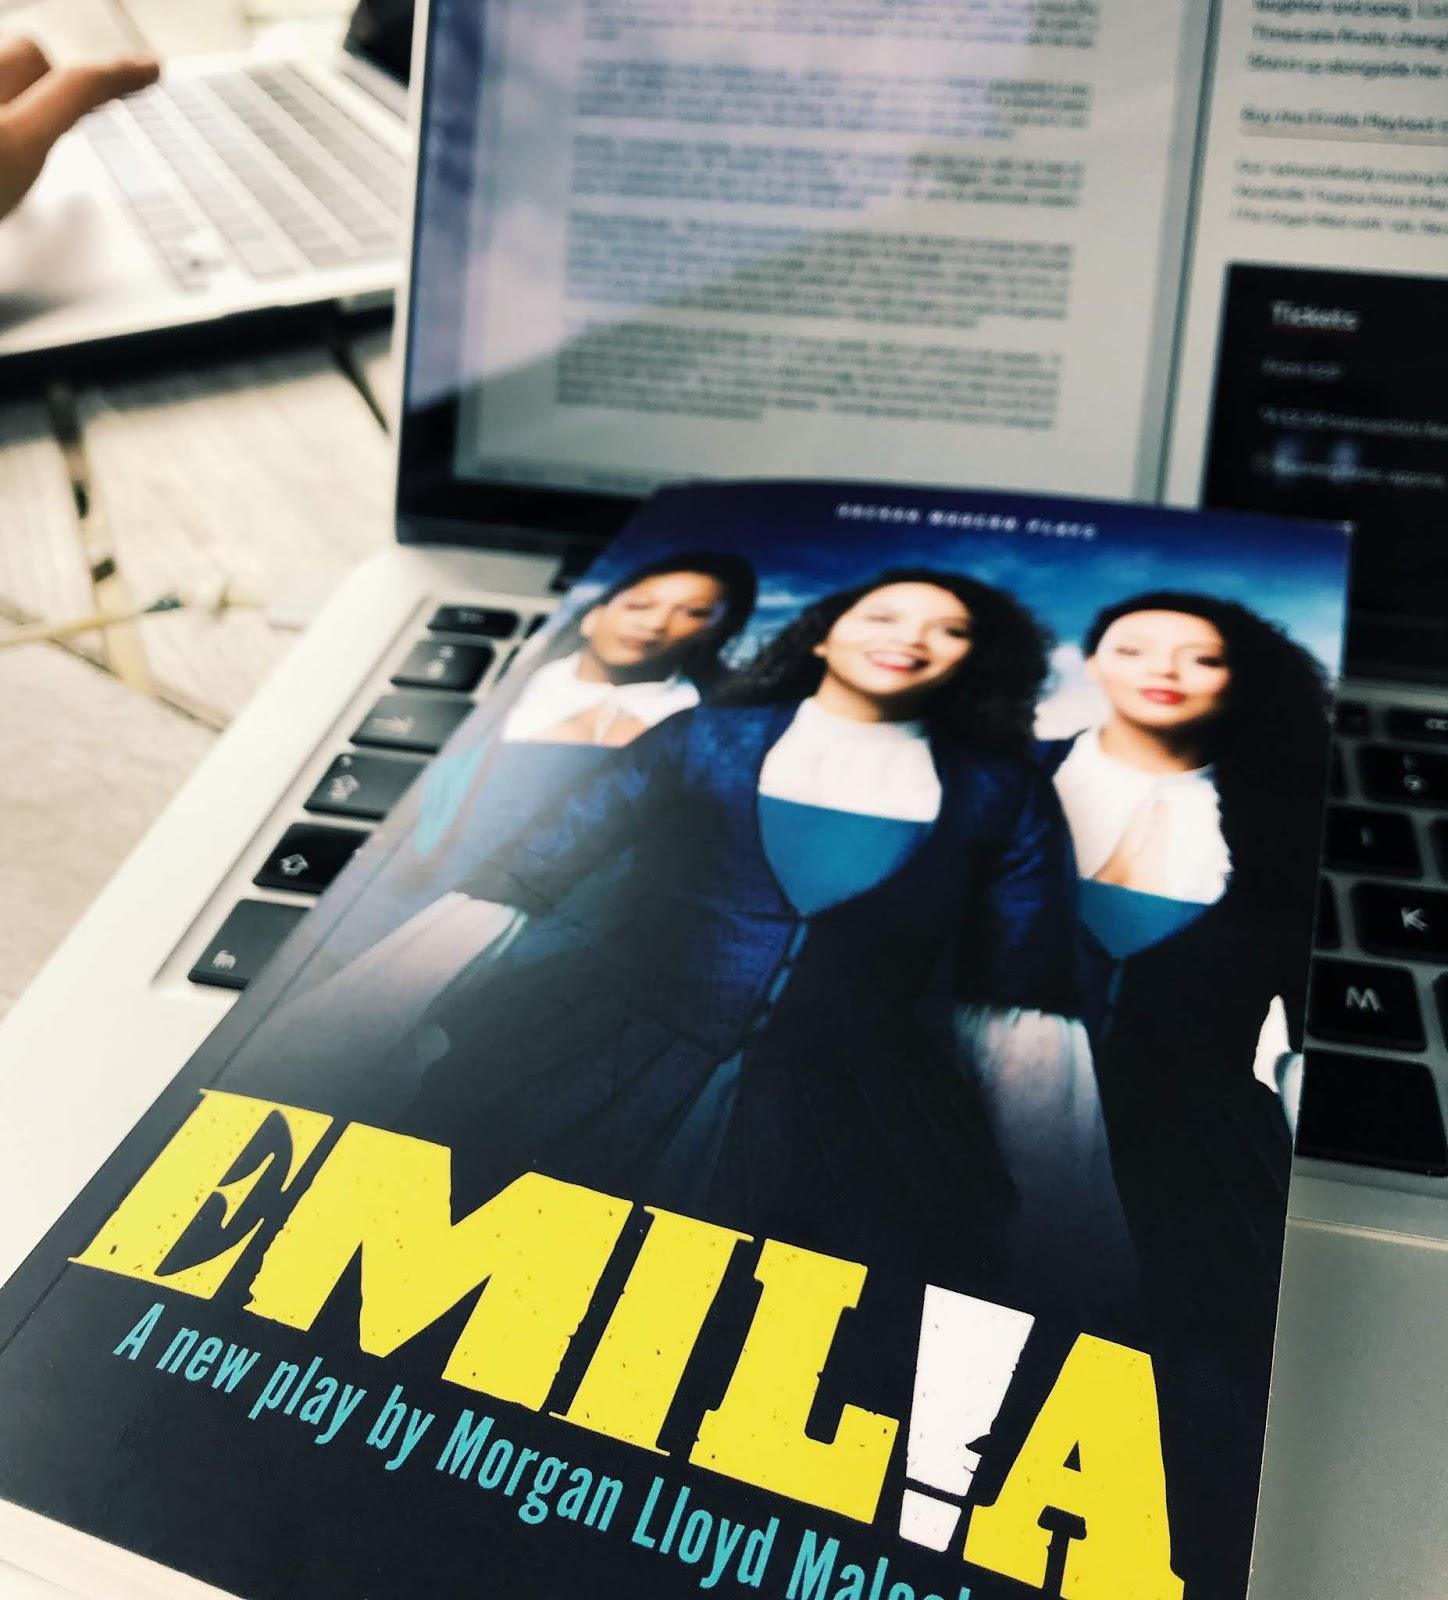 Emilia - Vaudeville Theatre